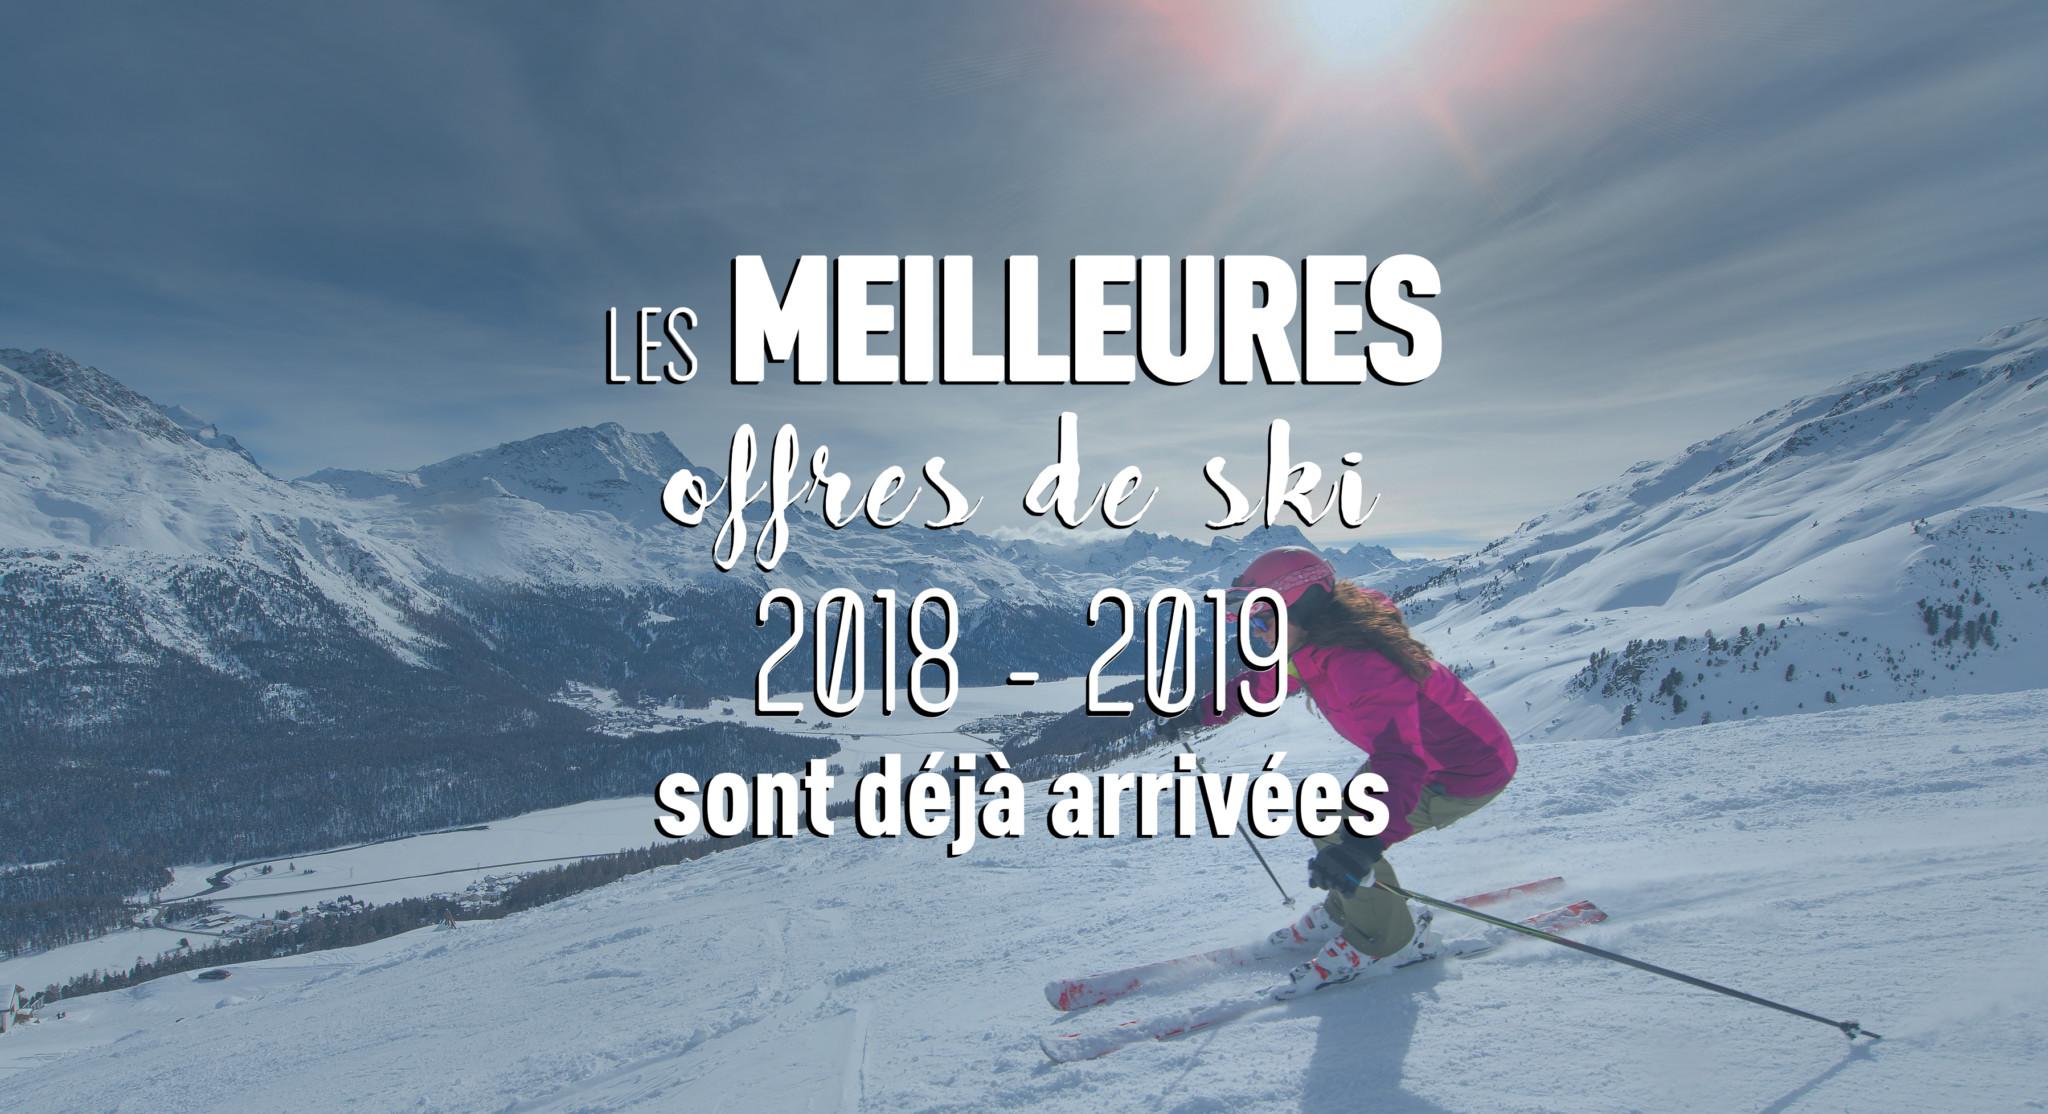 offres de ski 2018-2019